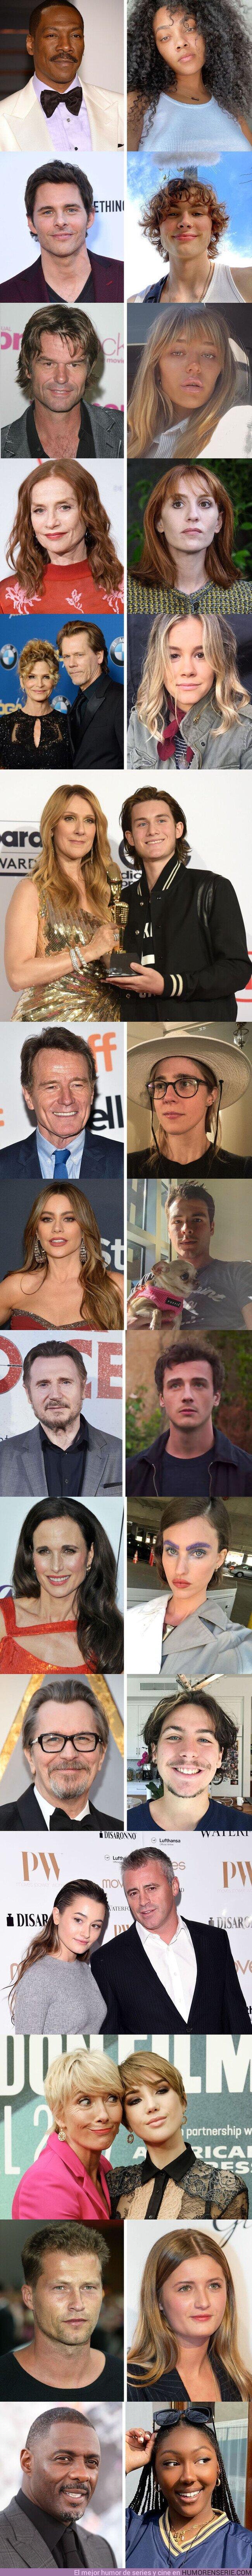 70930 - GALERÍA: 18 Hijos de celebridades que incluso sus fanáticos más fervientes no conocían